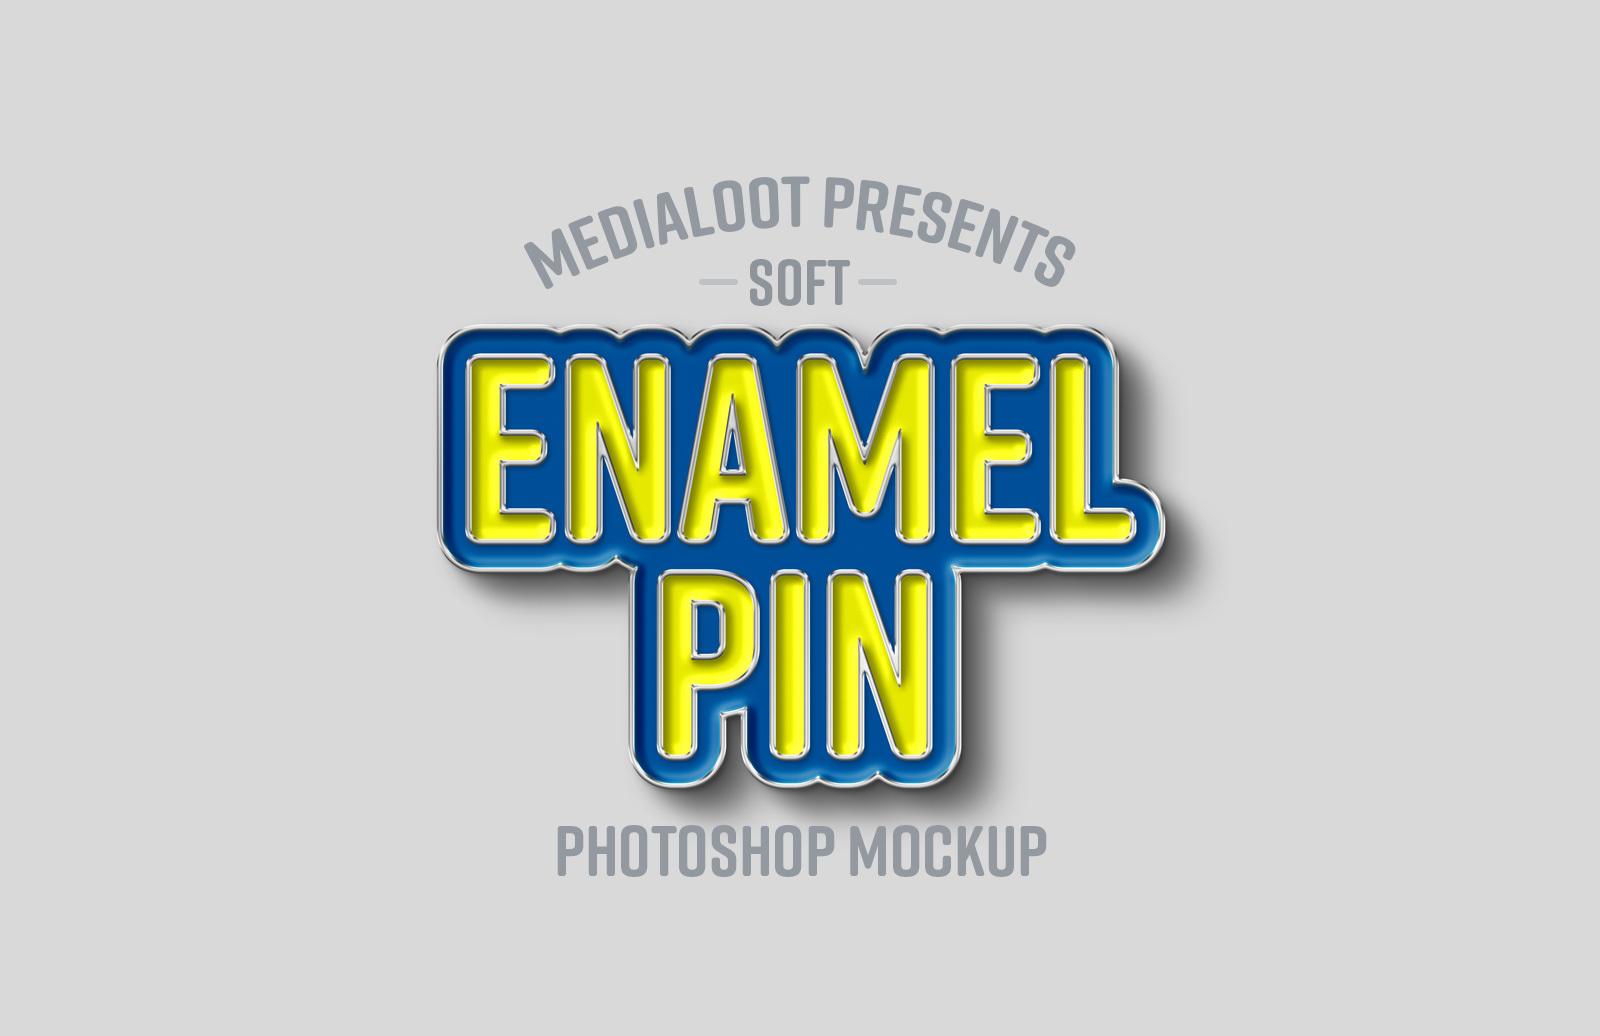 Soft Enamel Pin Mockup Preview 1